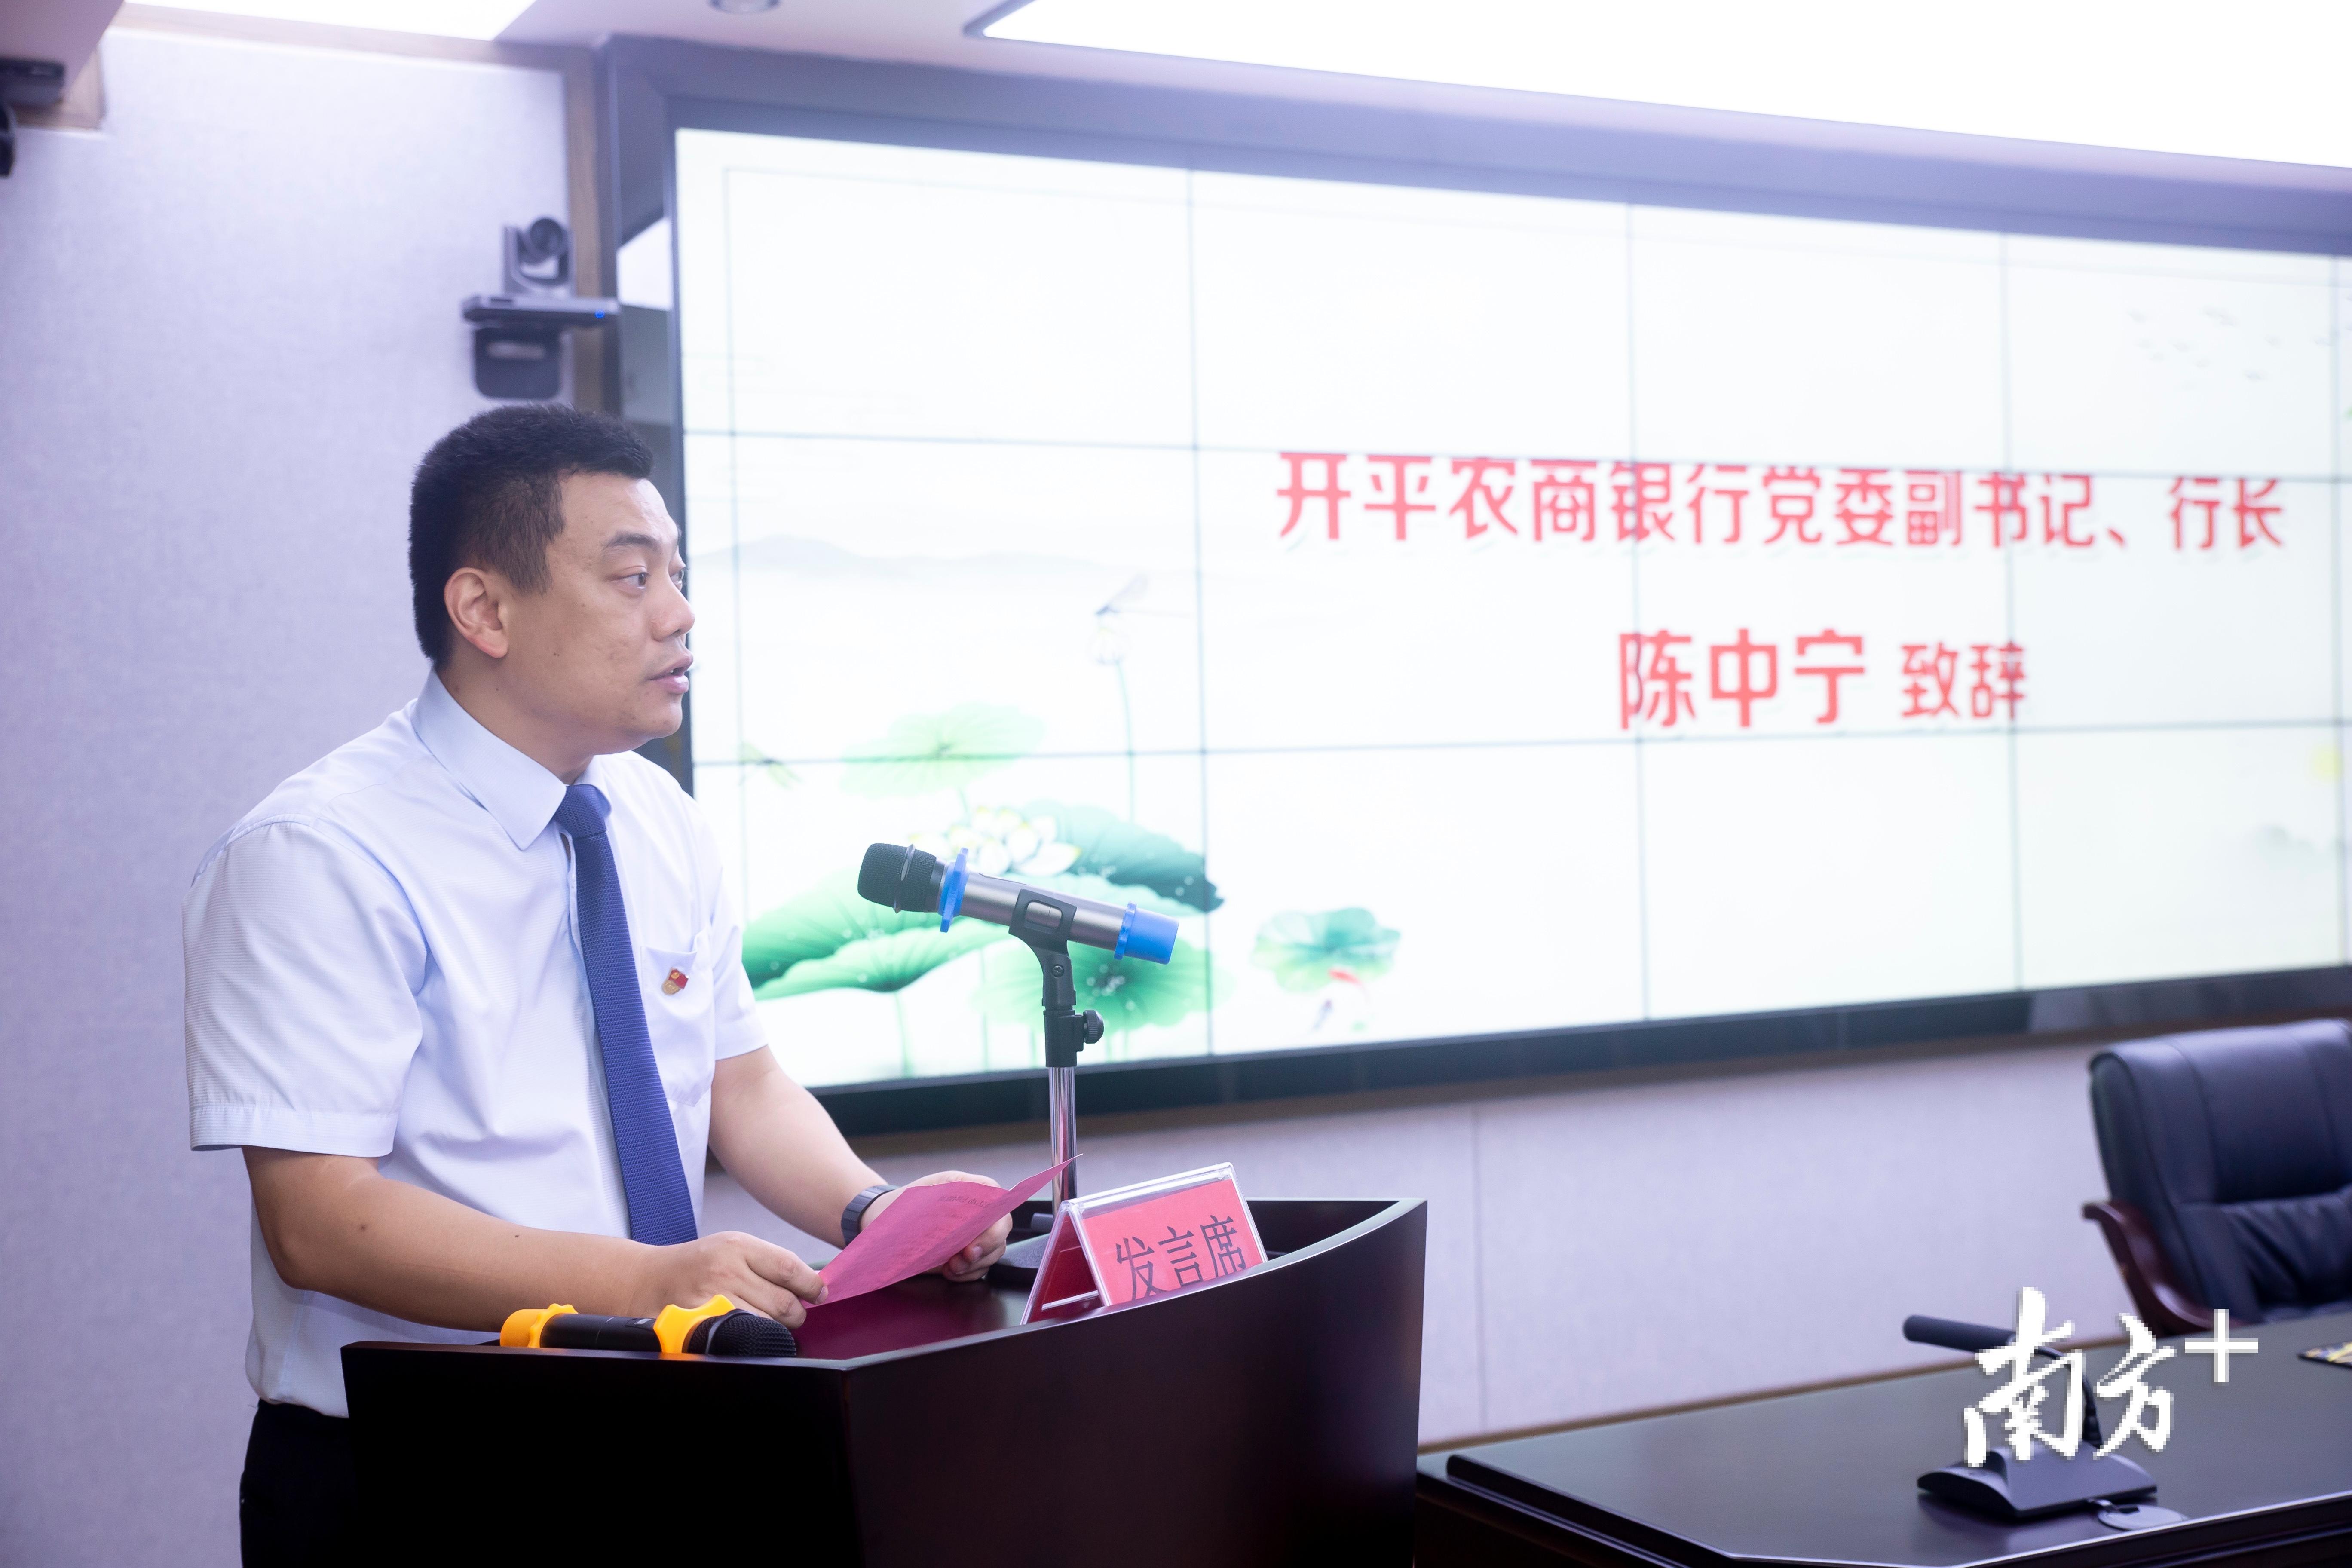 开平农商银行党委副书记、行长陈中宁致辞。开平市检察院提供